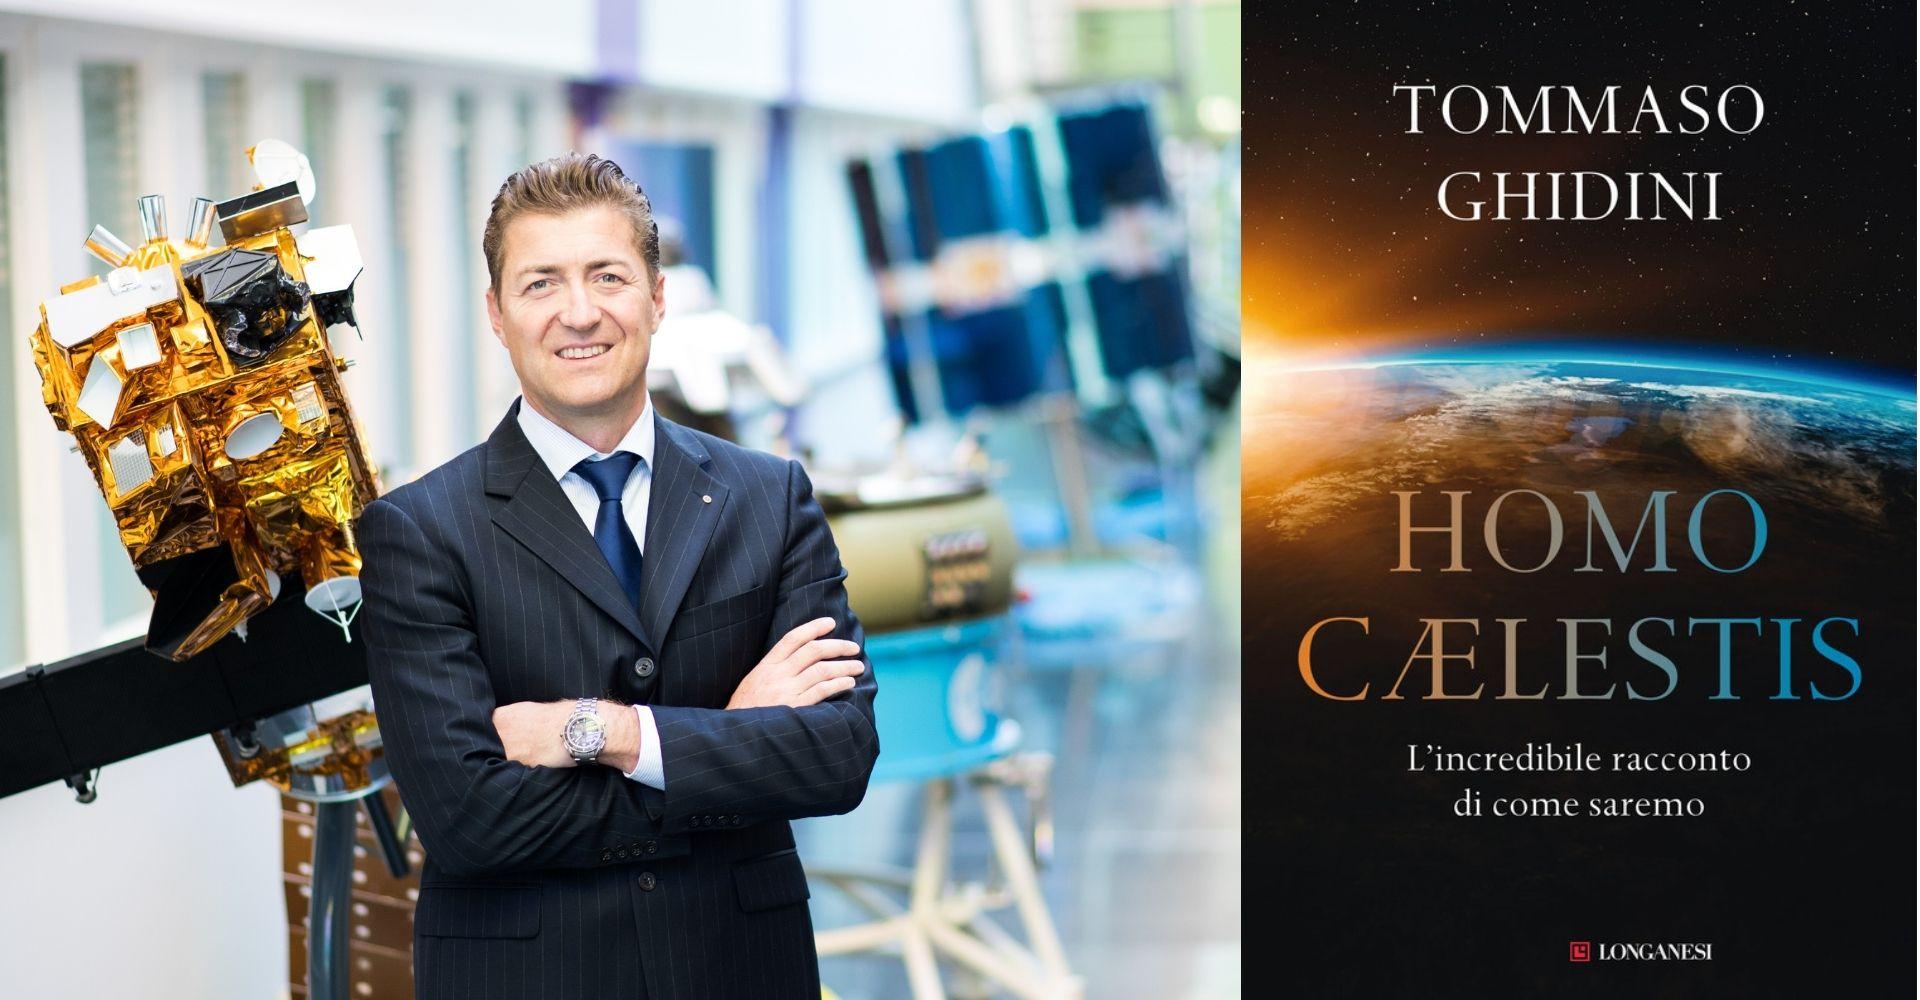 """""""Homo Caelestis"""": Tommaso Ghidini (ESA) racconta la storia e il futuro dell'uomo nello spazio"""